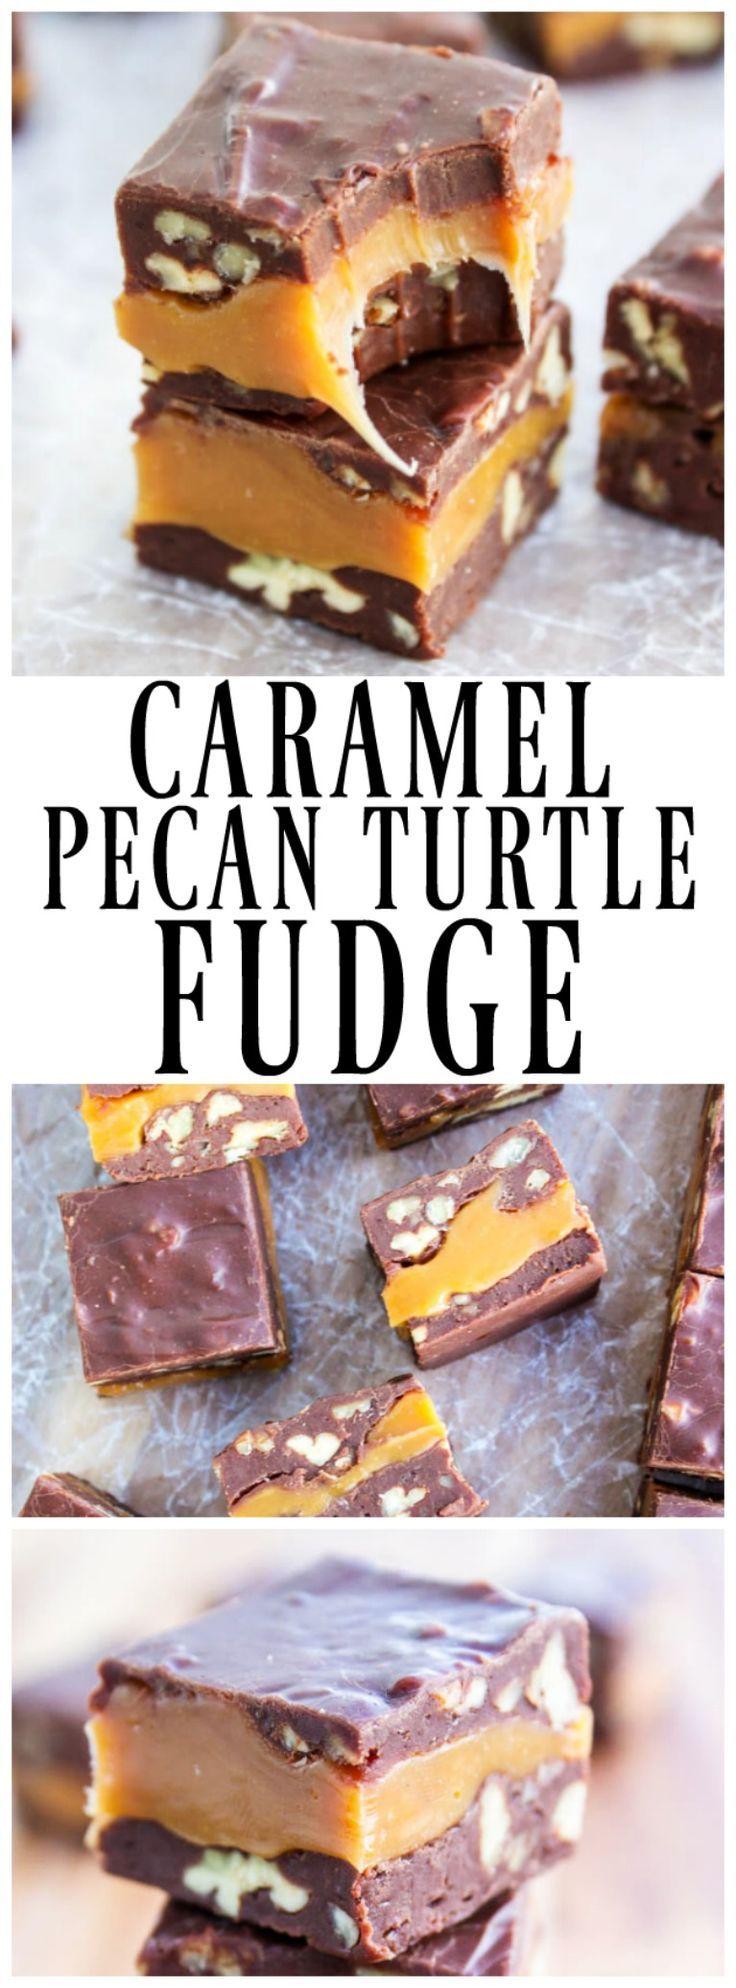 Caramel Pecan Turtle Fudge